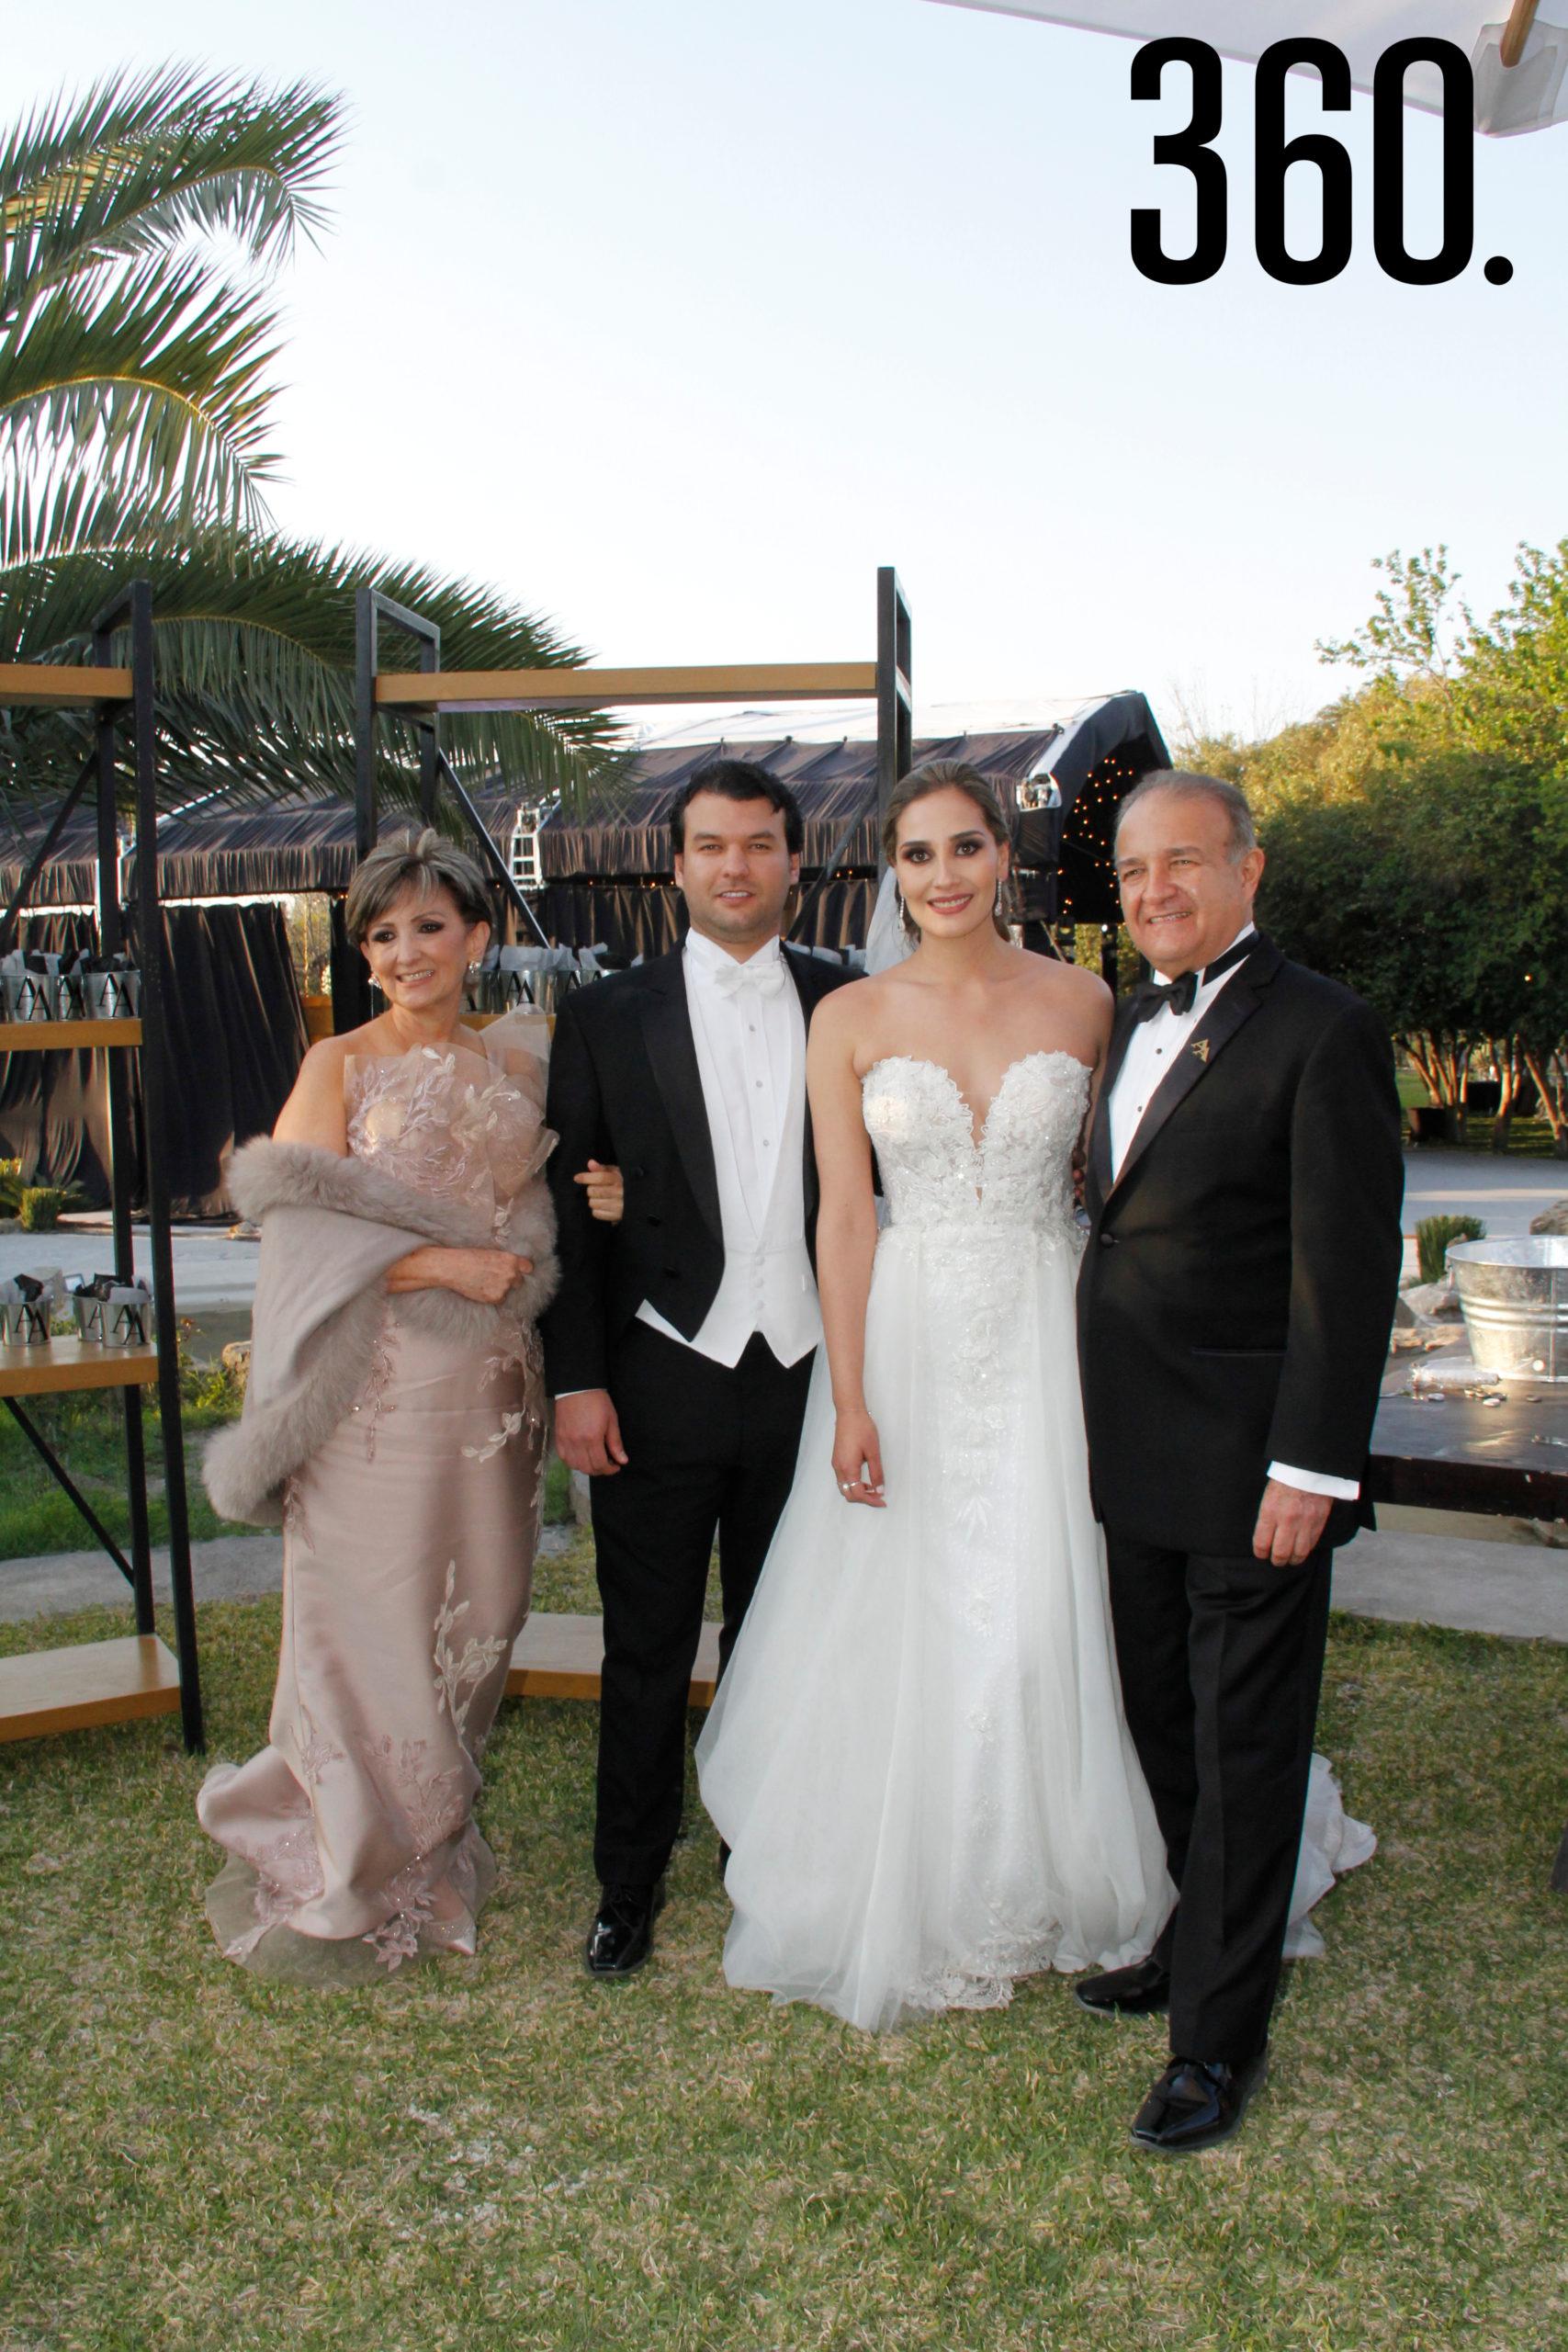 Álvaro y Andrea con los padres del novio, Noris Álvarez y Carlos Arzamendi.